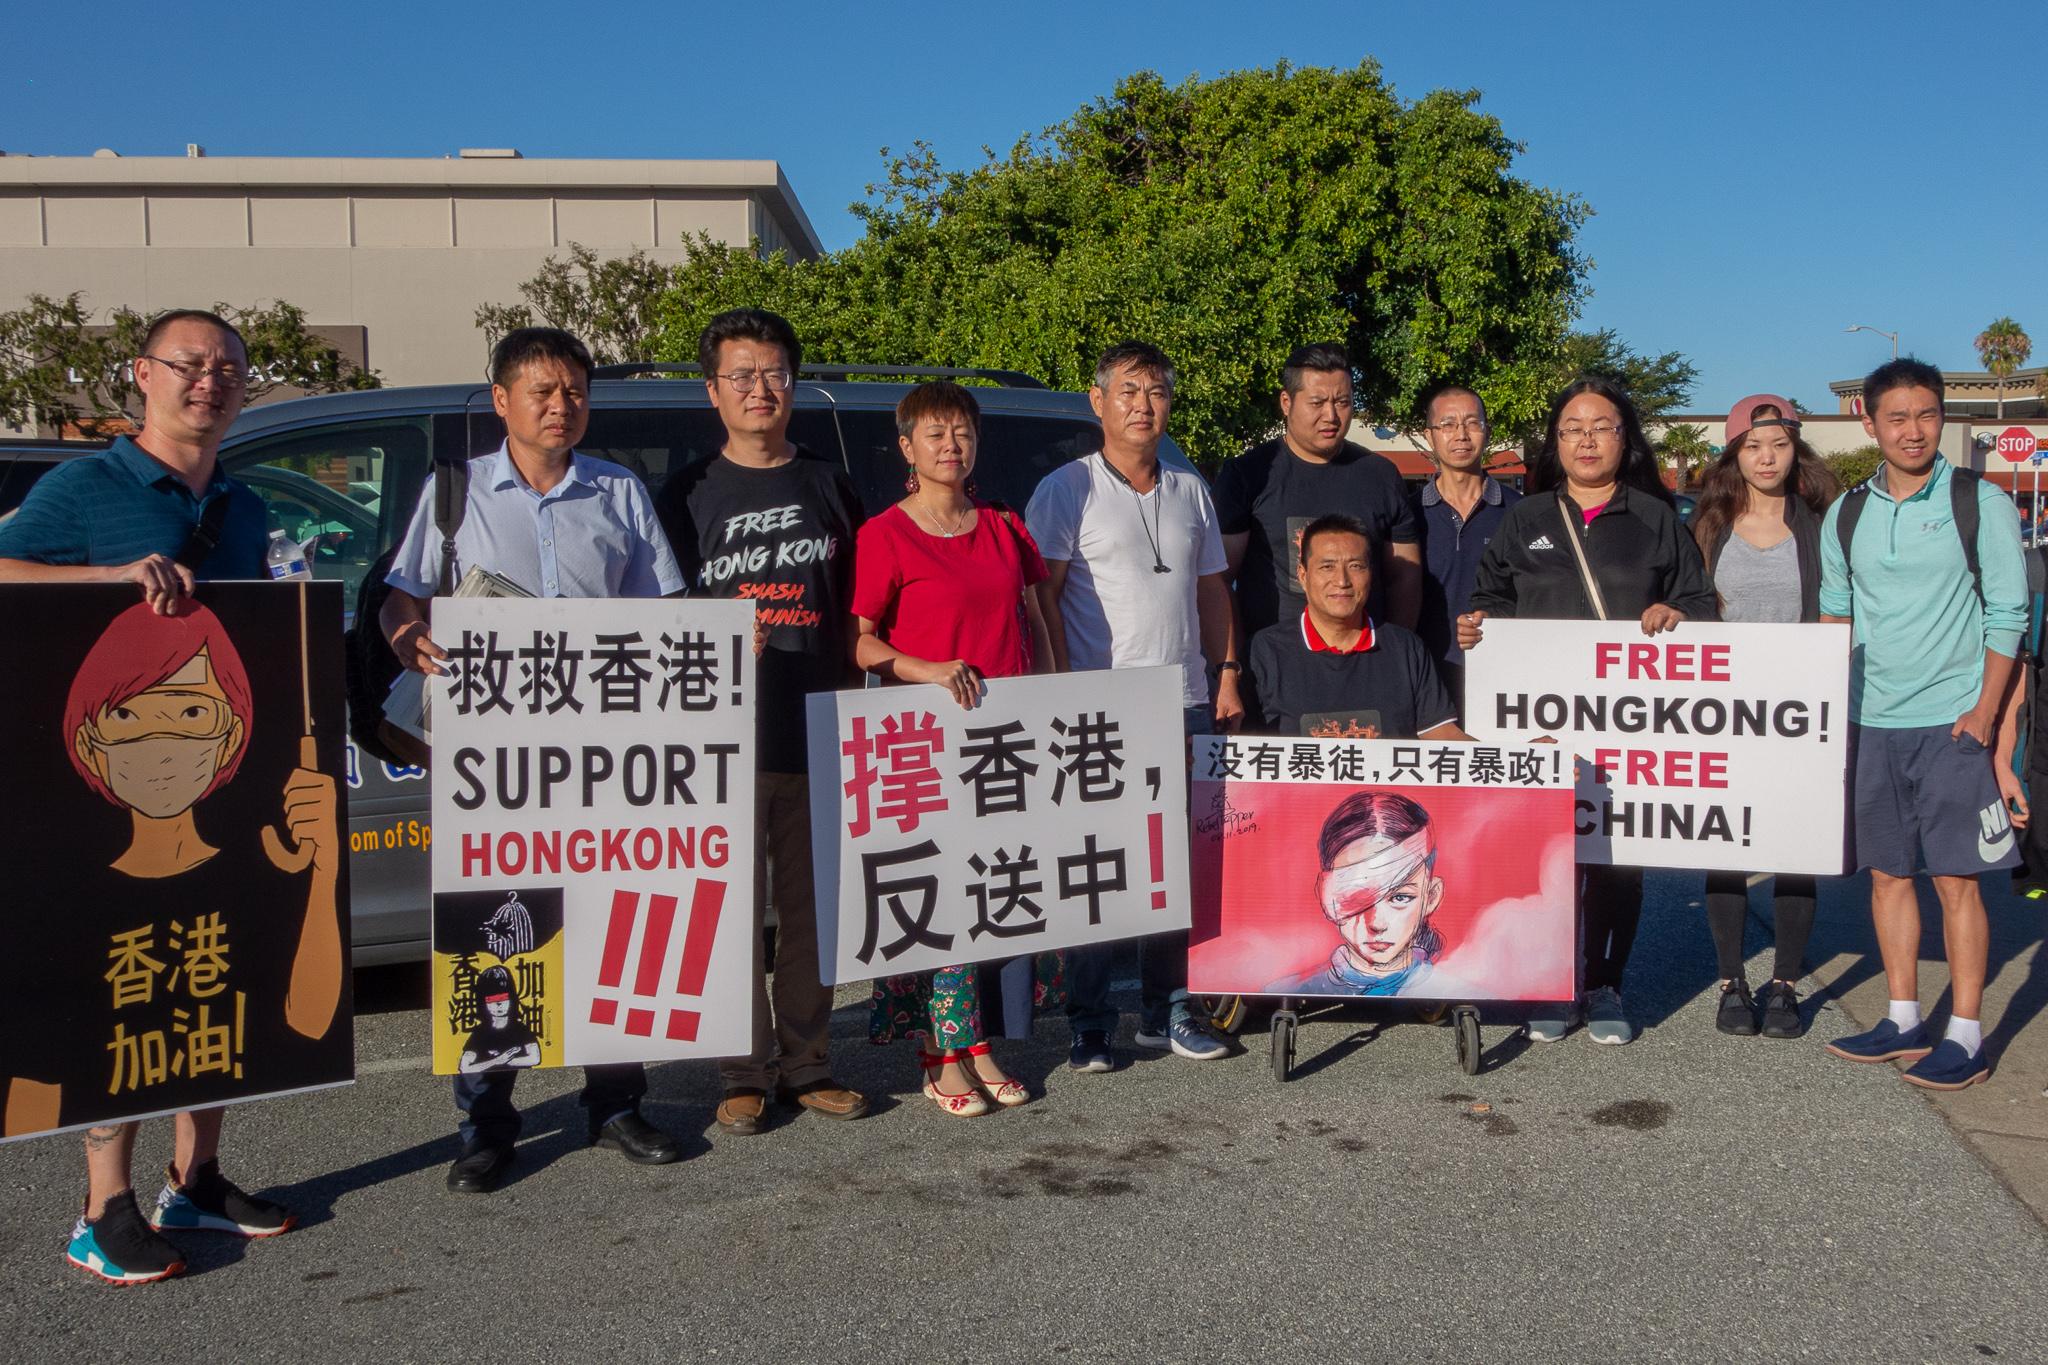 灣區的部份人士在各處購物中心高舉支持香港抗爭的看板,呼籲美國民眾也來支援。(曹景哲/大紀元)